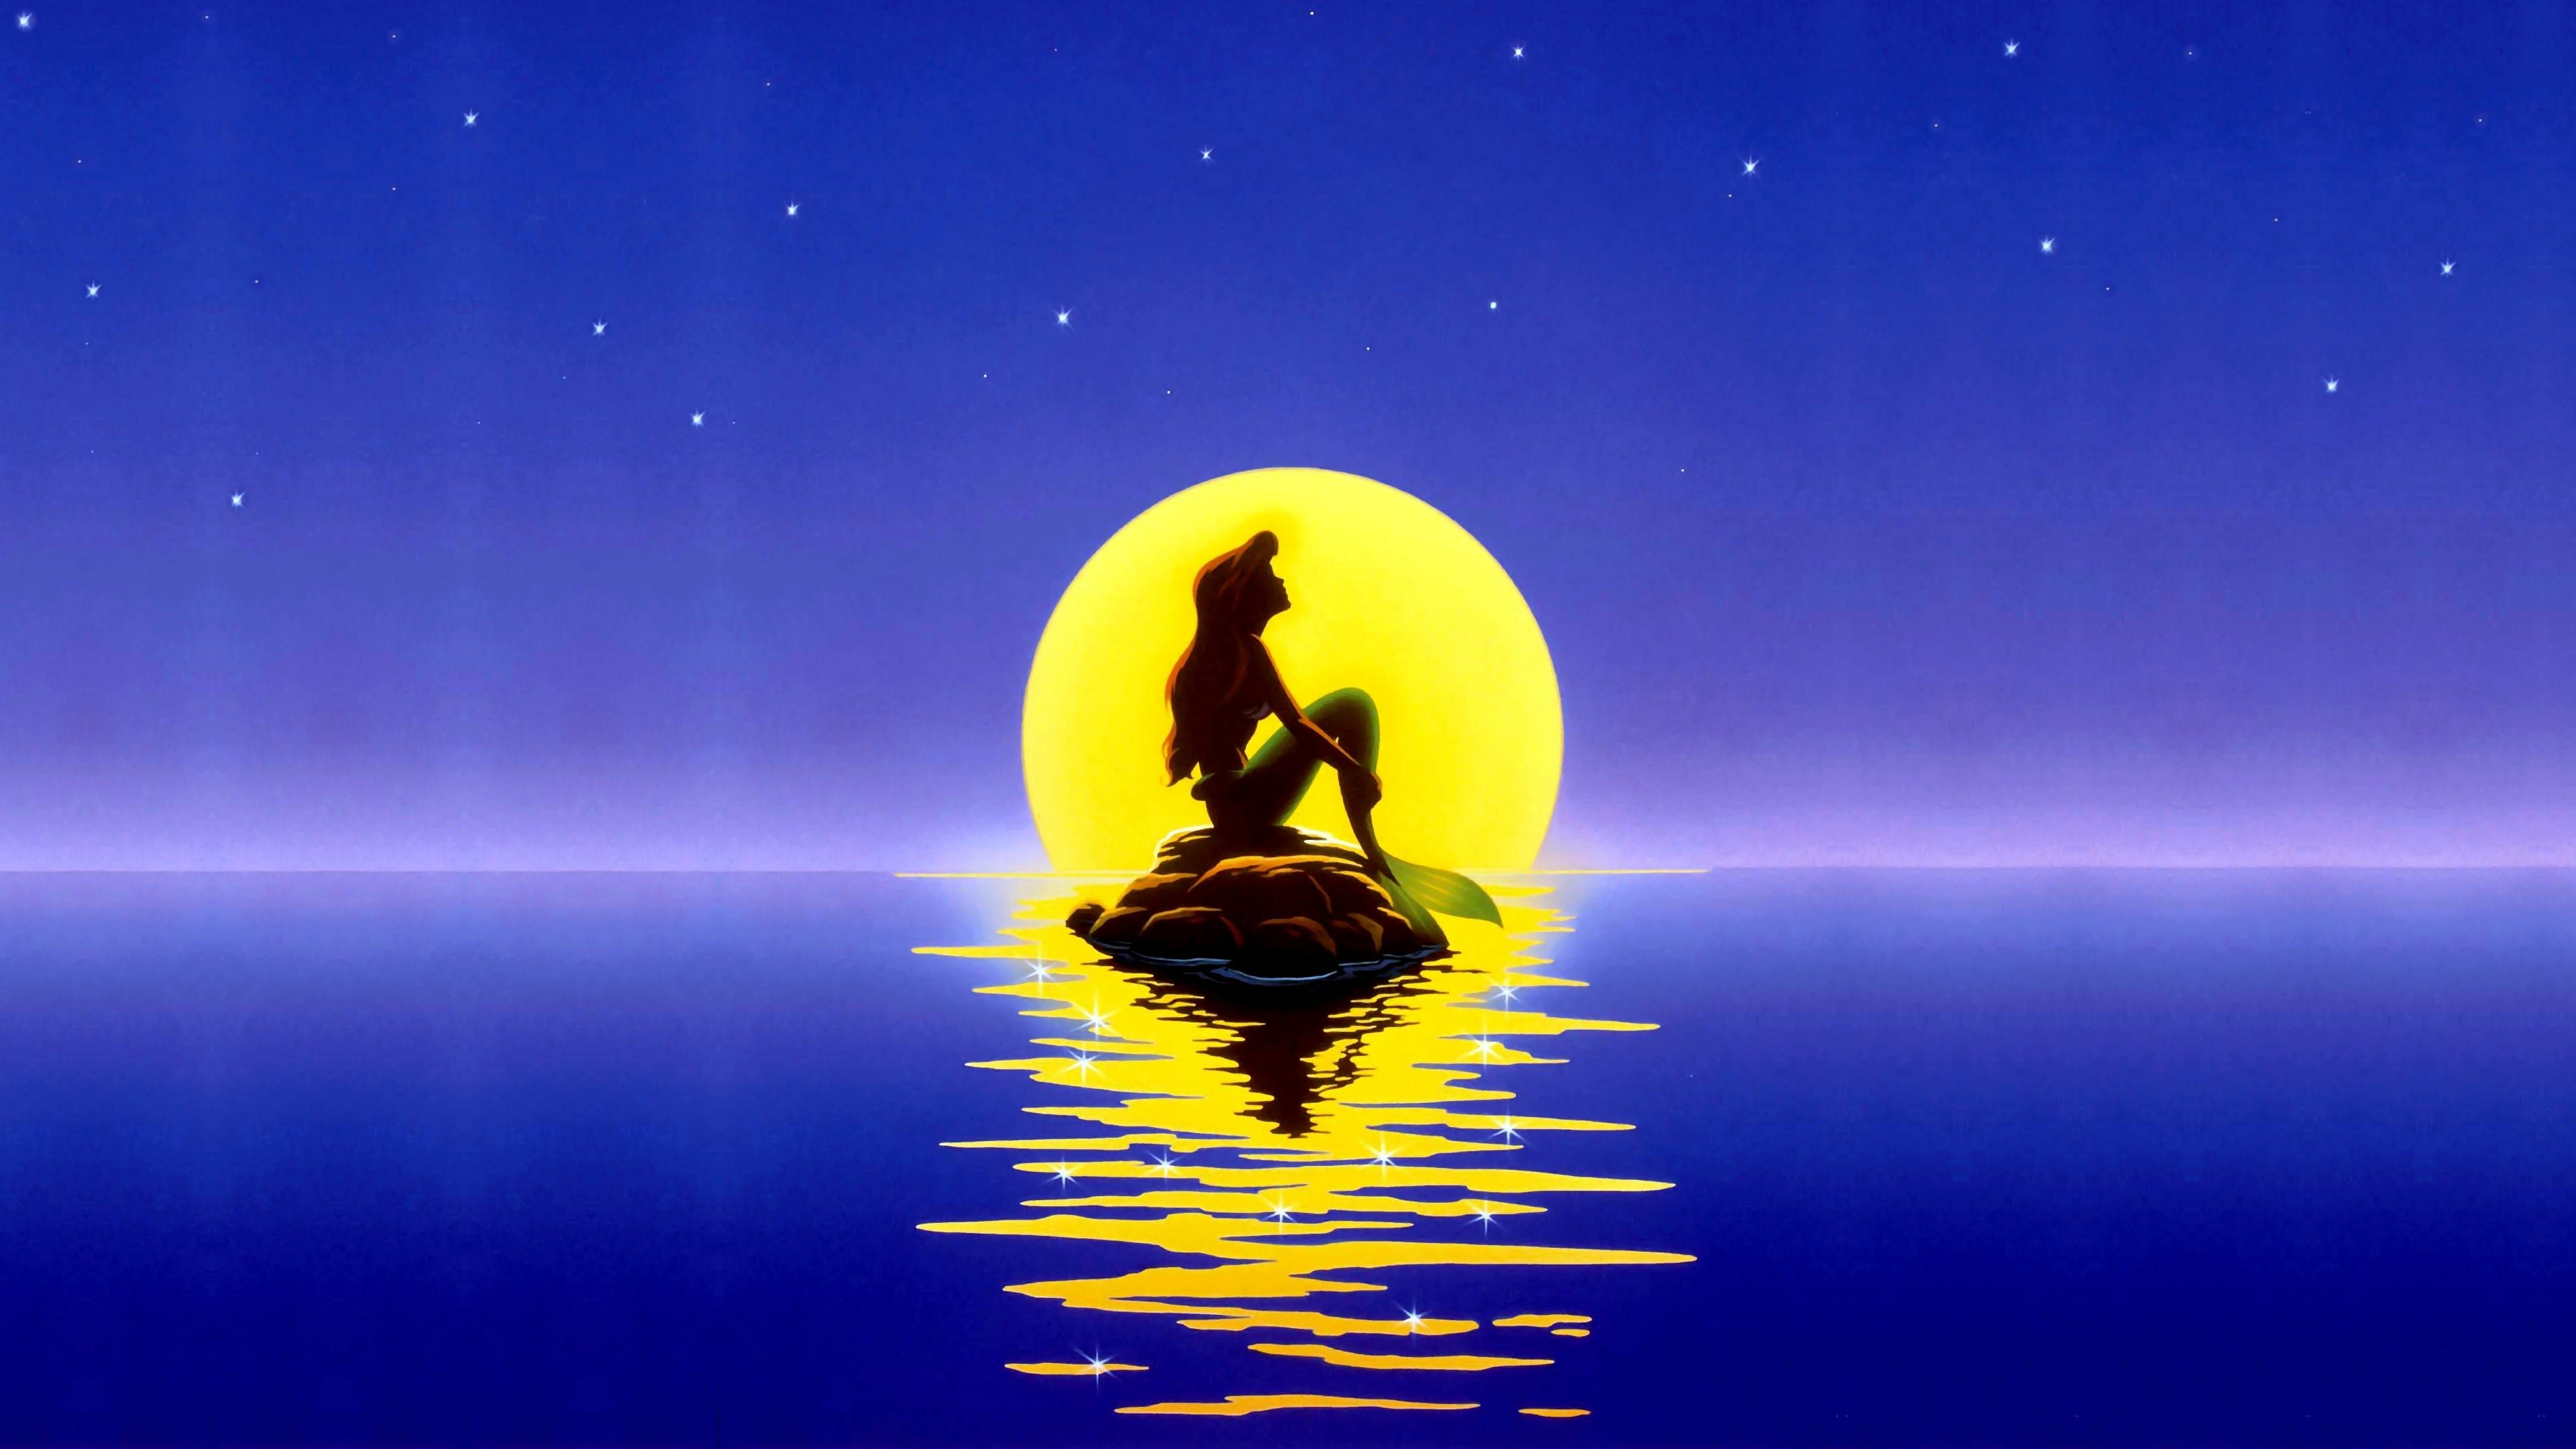 La Sirenetta 1989 Streaming Ita Cb01 Film Completo Italiano Altadefinizione La Figlia Prediletta Del Re Tritone La Curiosa Ariel Sogna Di Vivere Sulla Terra C